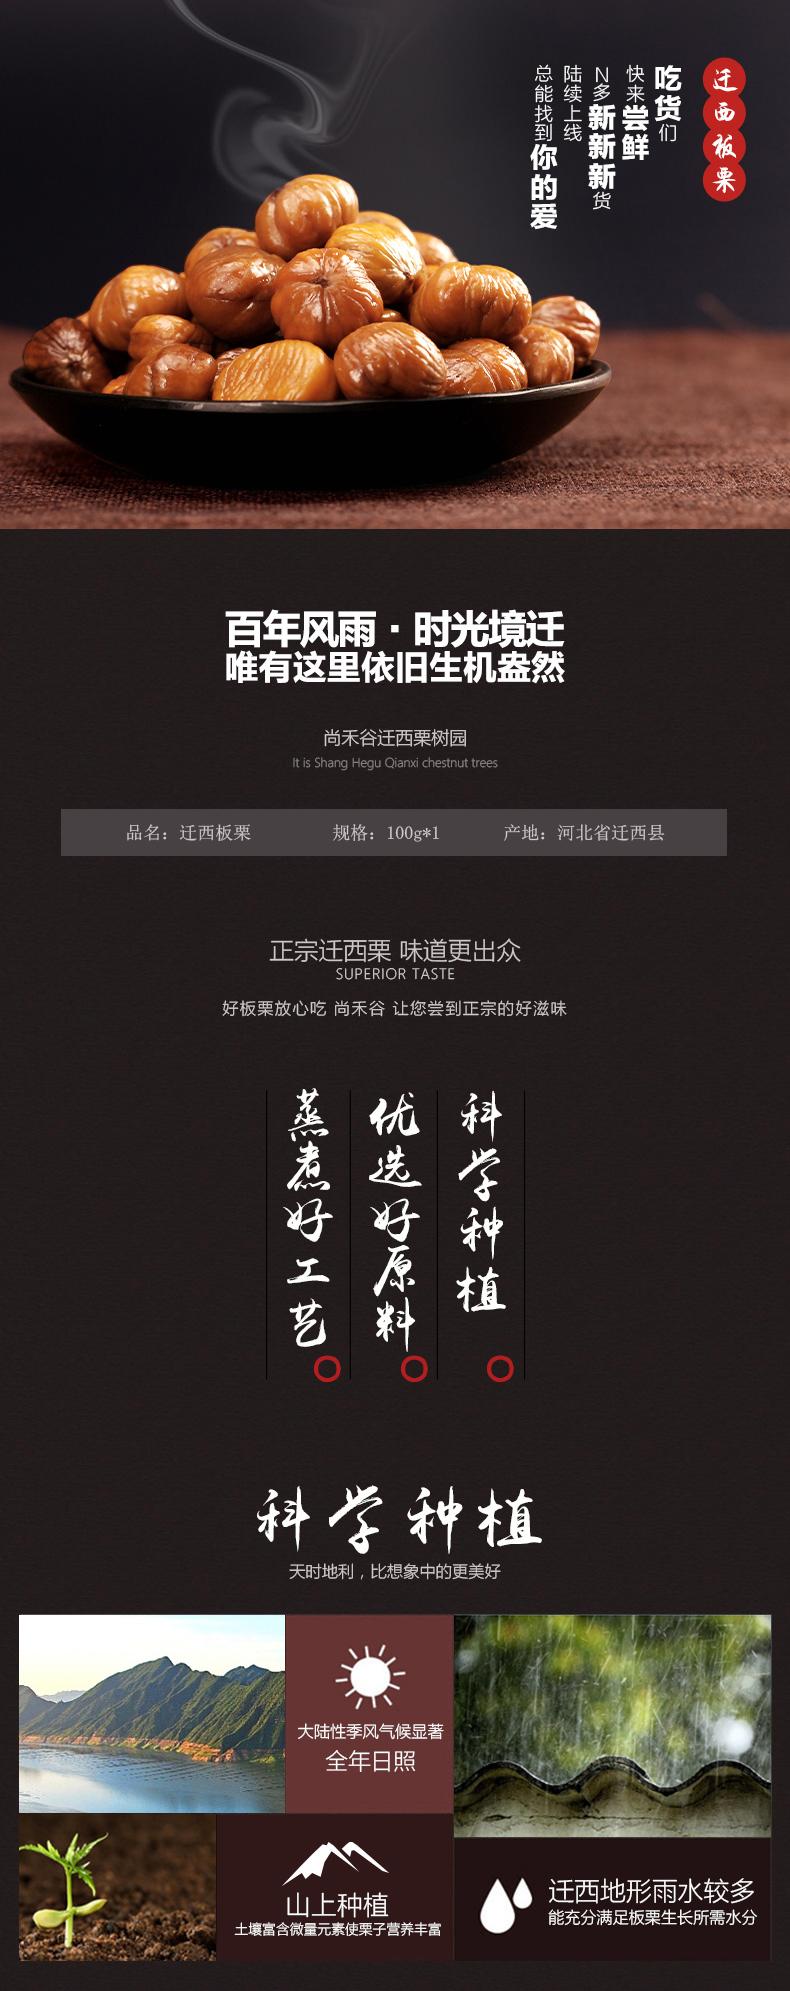 尚禾谷-遷西板栗仁-二級100g甘栗仁-栗子仁堅果休閑零食河北特產_01.jpg